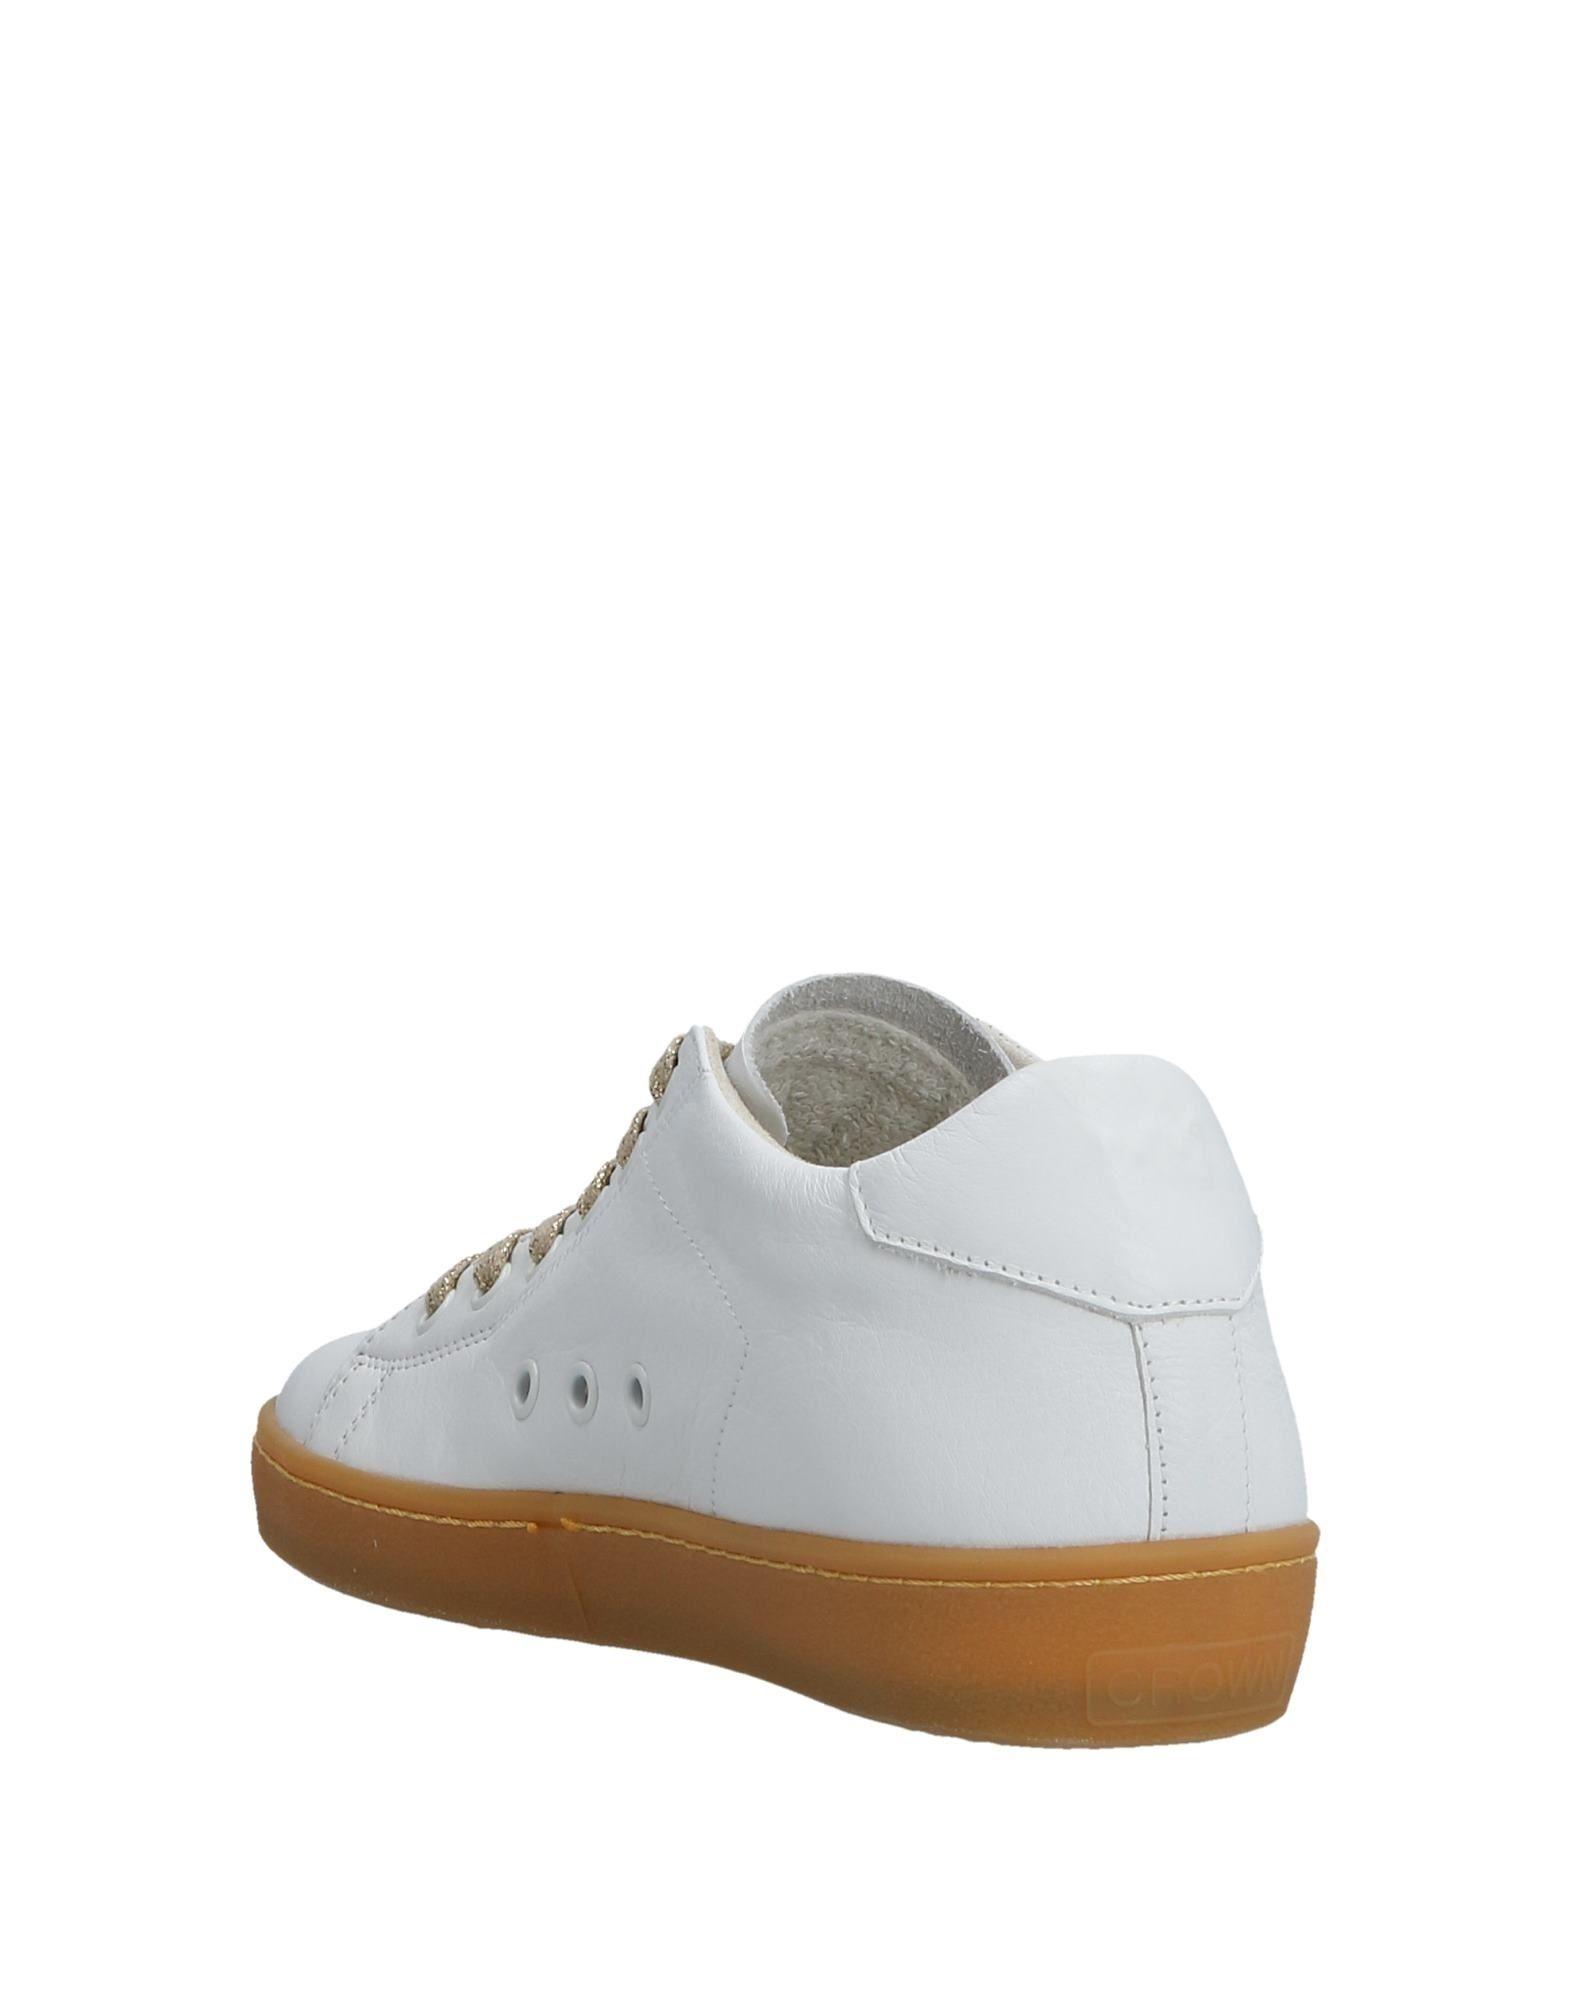 Gut Crown um billige Schuhe zu tragenLeather Crown Gut Sneakers Damen  11531799OT a00a6e